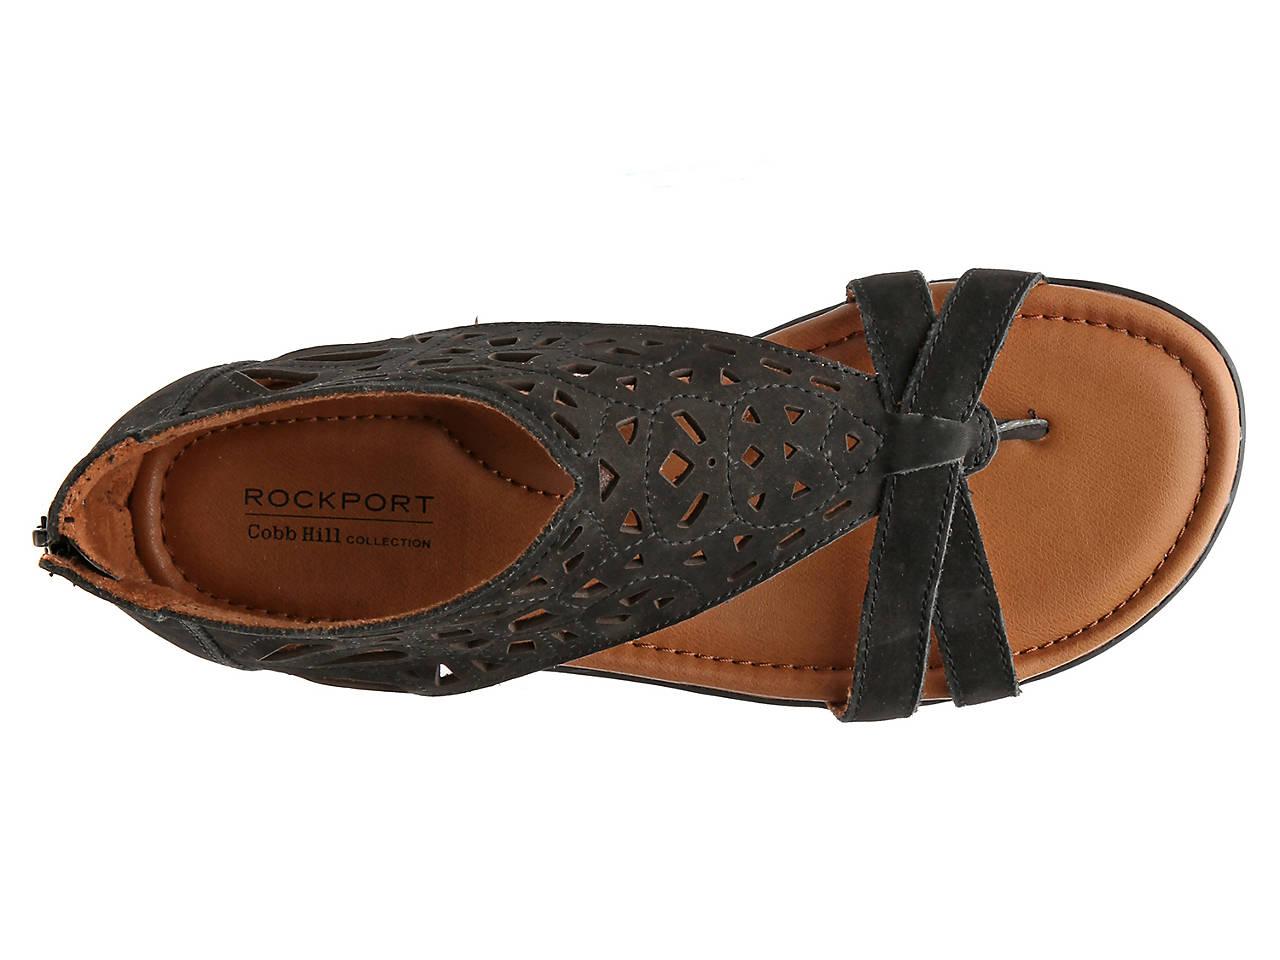 b978e03cc284 Rockport Cobb Hill Jordan Sandal Women s Shoes